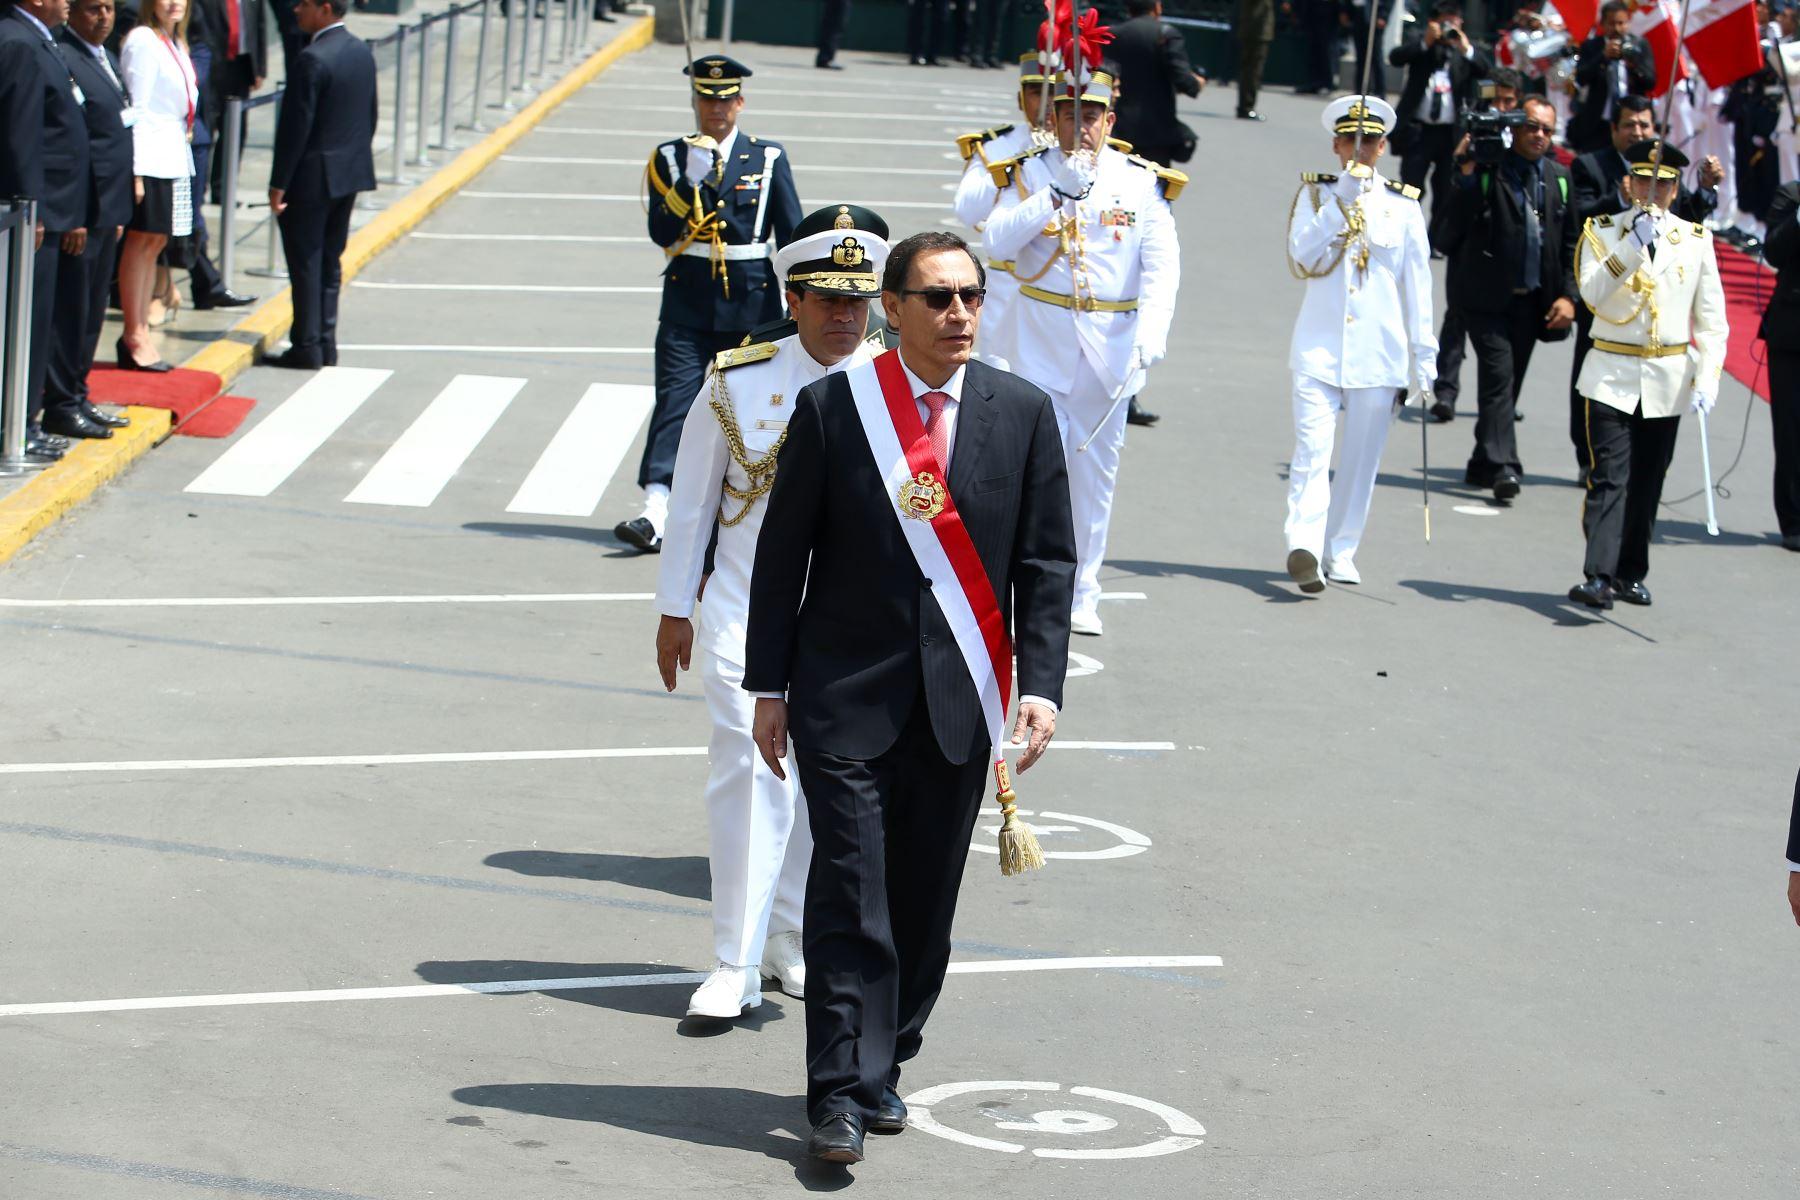 Presidente Martin Vizcarra se retira del Congreso de la República, tras su juramentación como Primer Mandatario de la Nación.  Foto: ANDINA/Melina Mejía